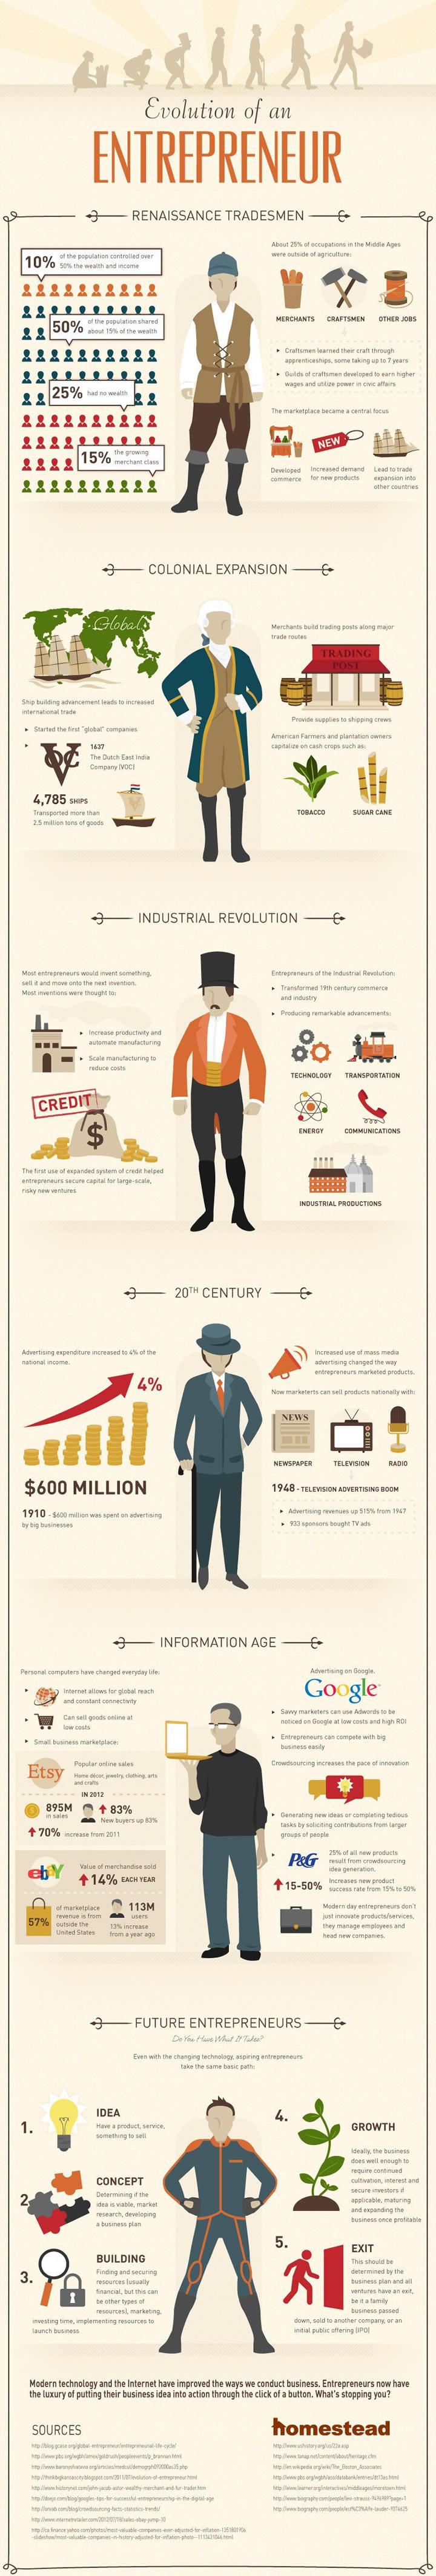 infographie evolutions entrepreneurs